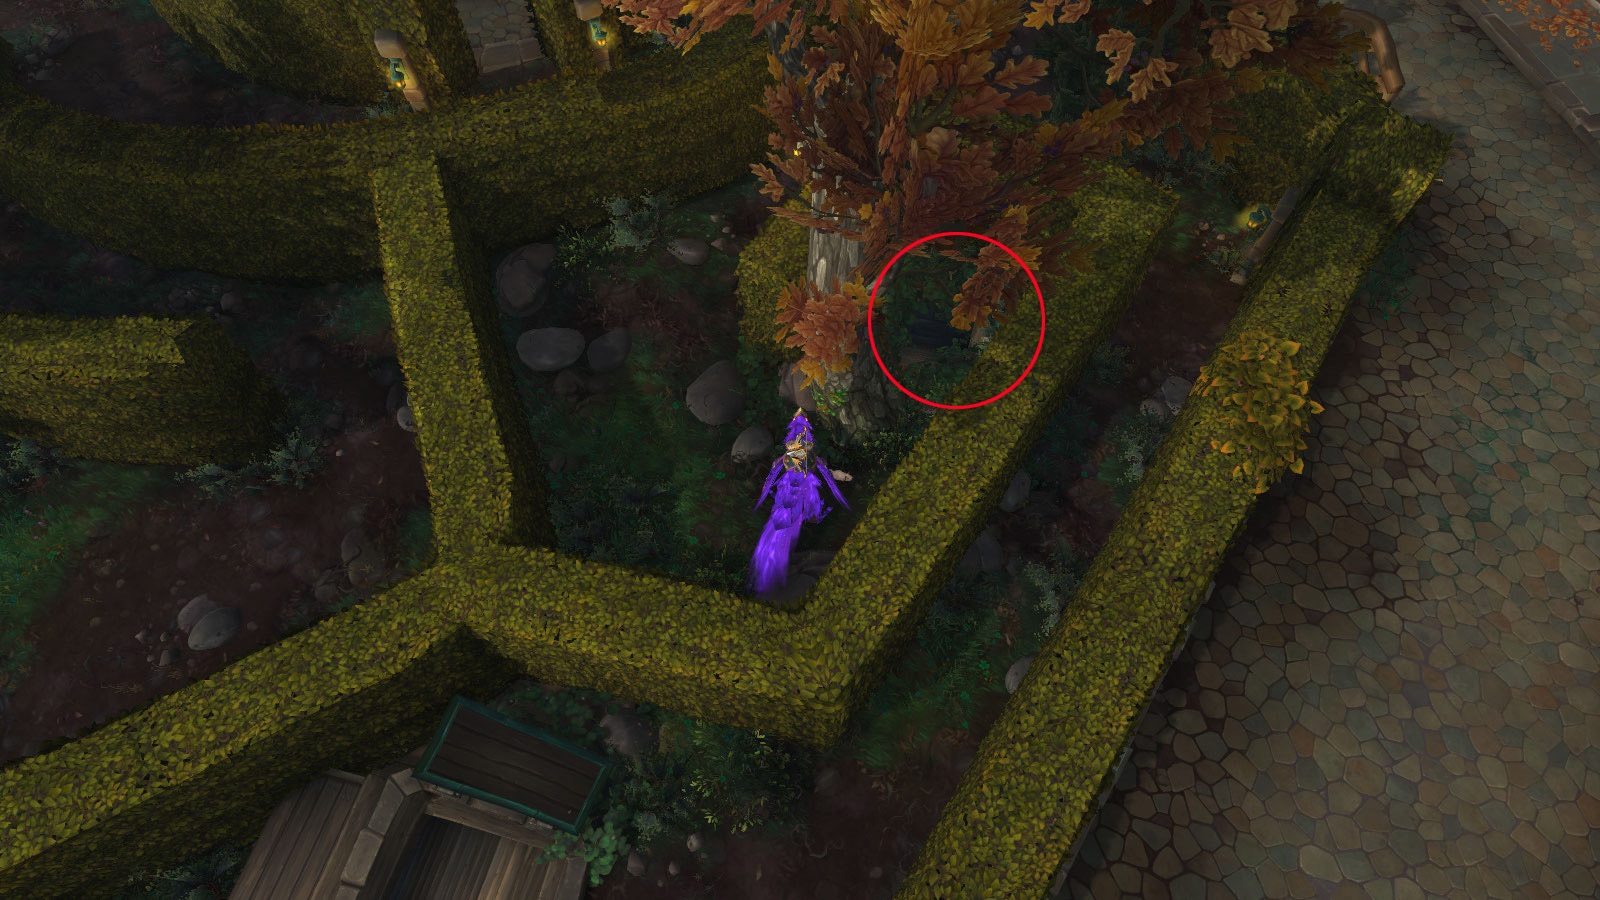 Longez le labyrinthe de haies de la Place de l'unité à Boralus